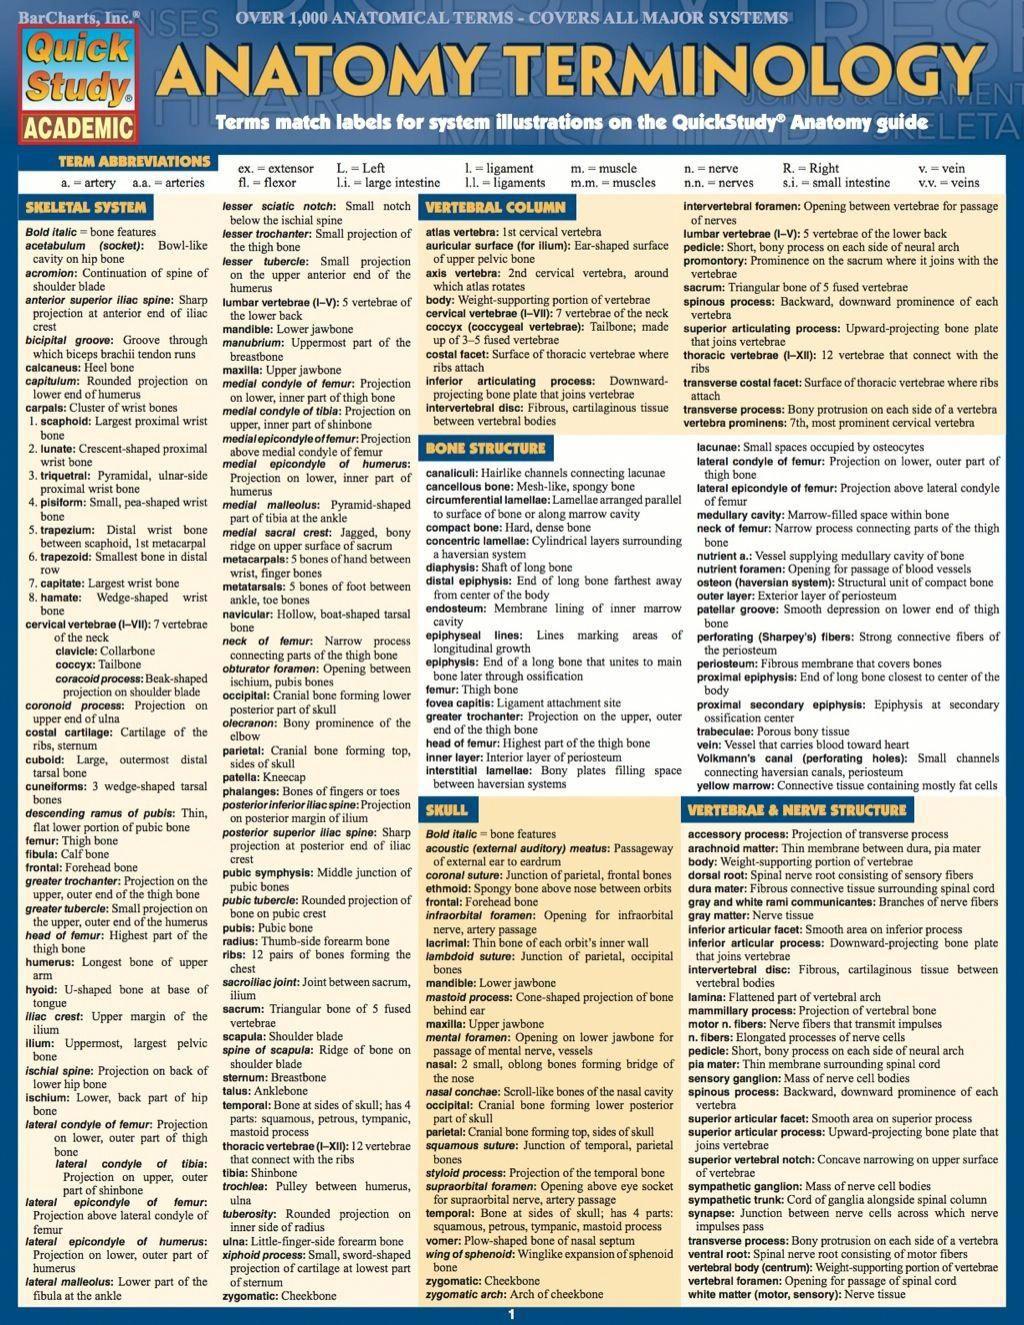 4 week certificate programs near me certificateprograms